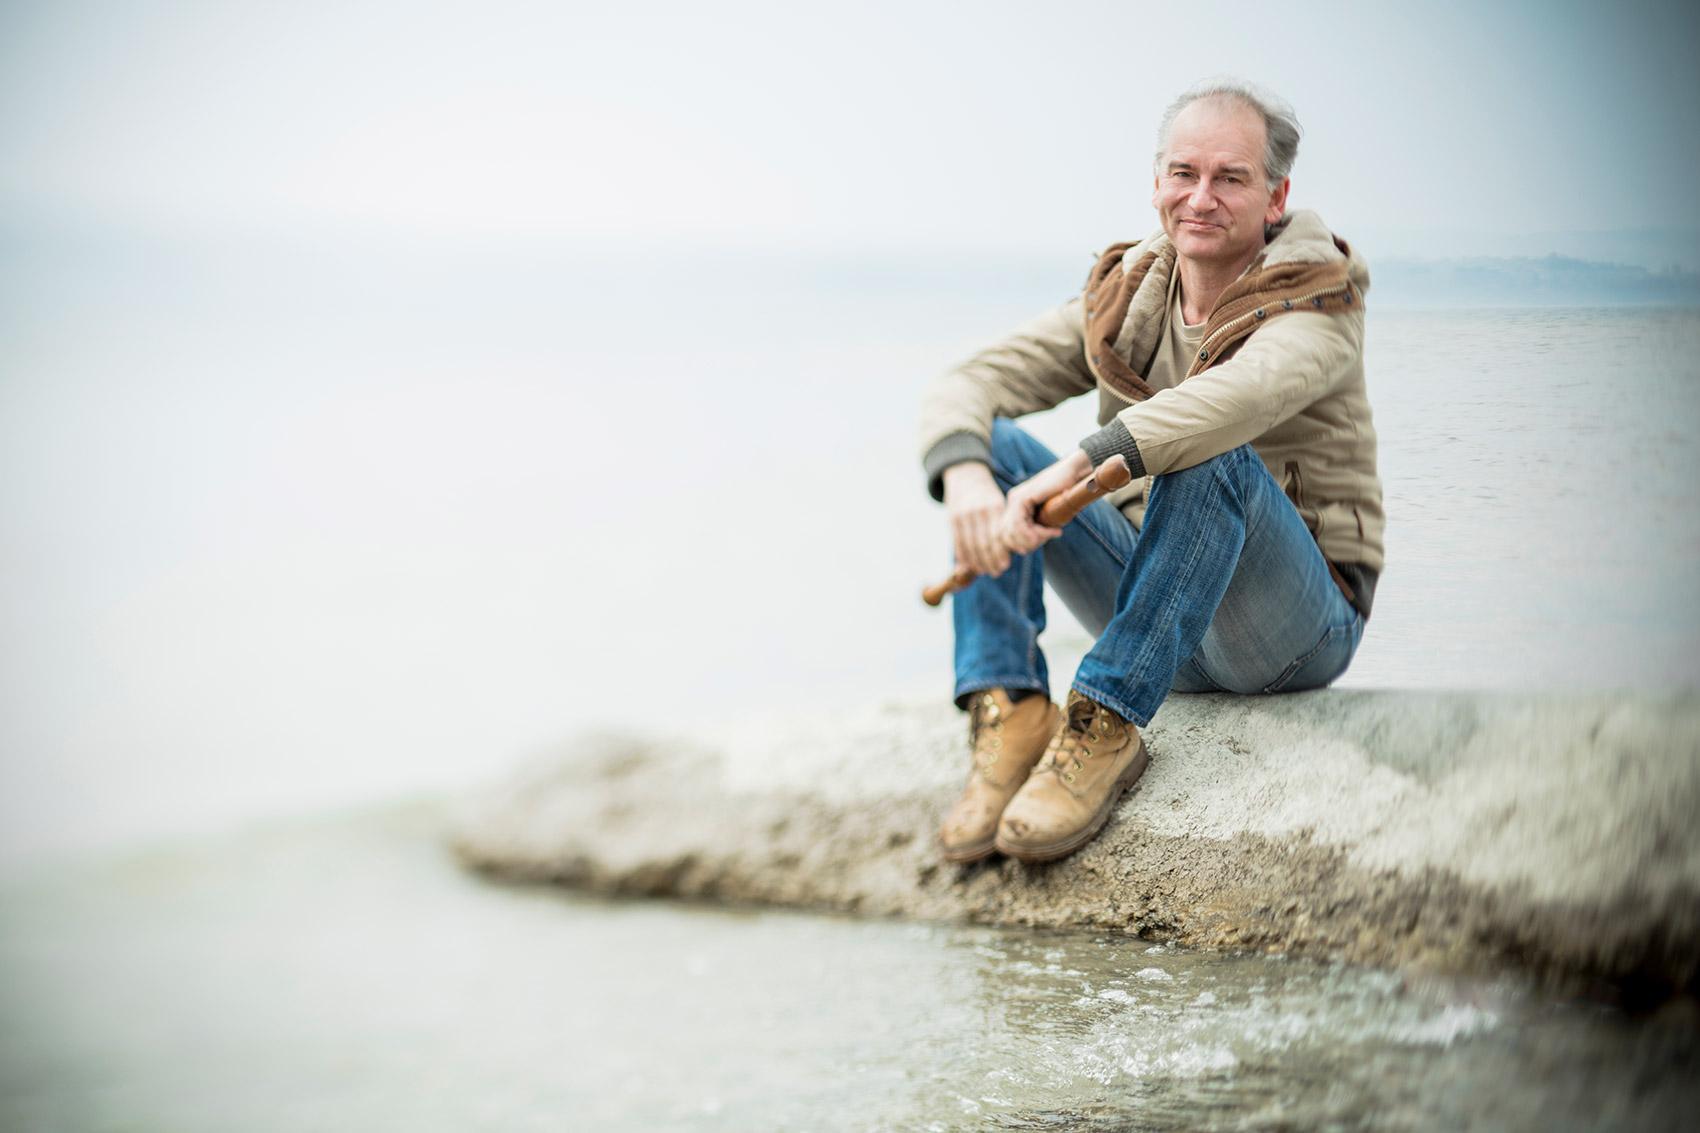 14-Bodensee-Peter-Eilichmann